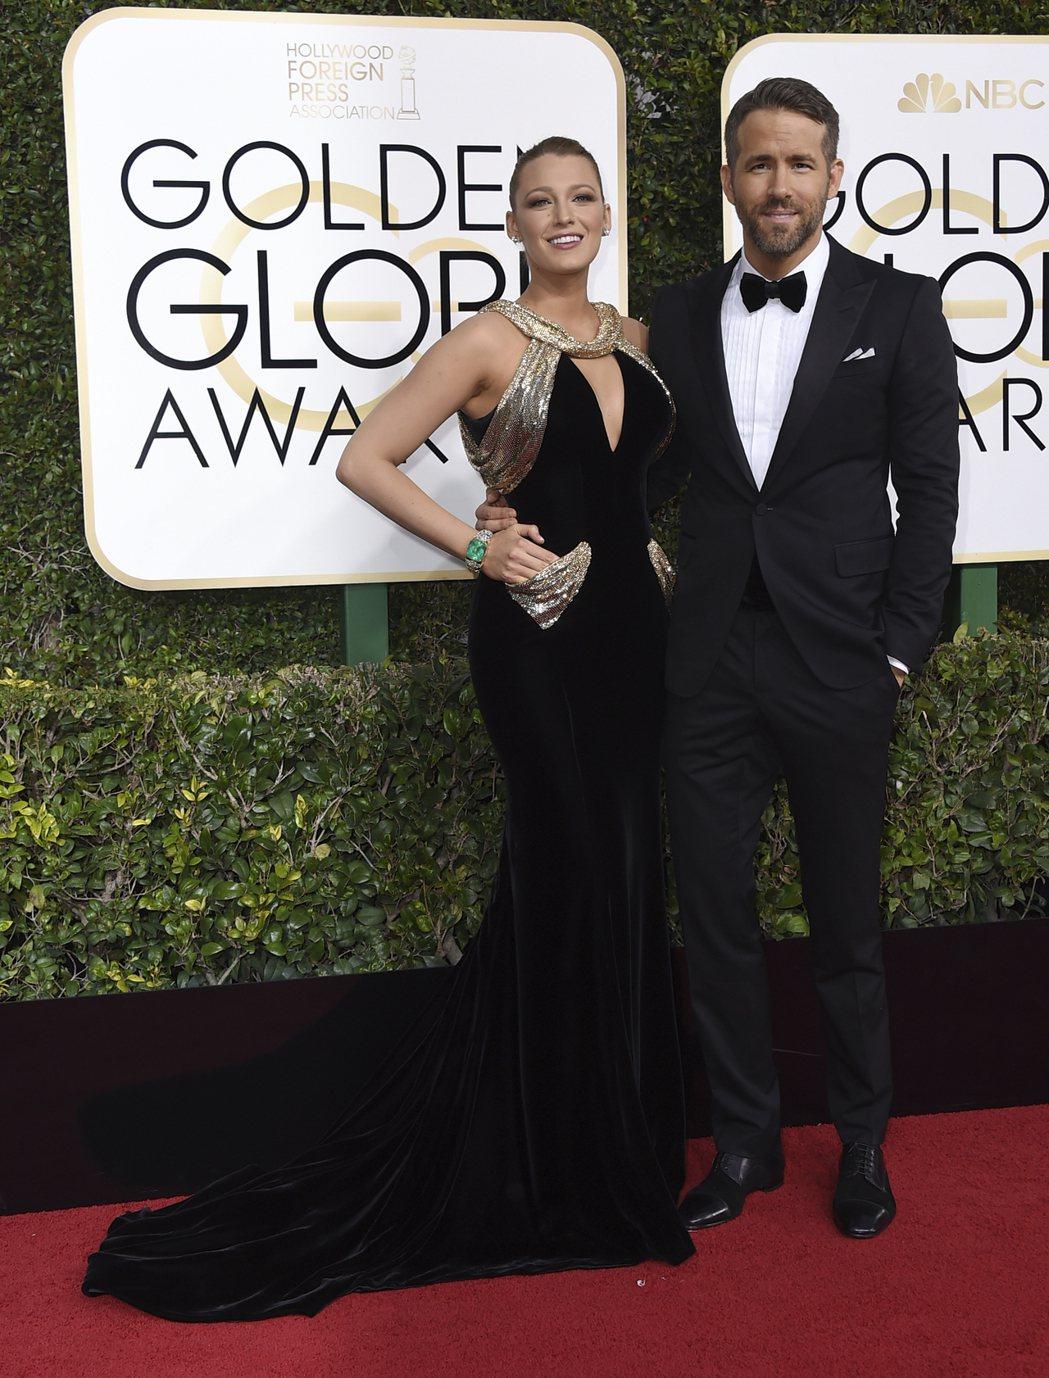 布蕾克萊芙莉選穿Versace禮服,霸氣美搭配萊恩雷諾斯。